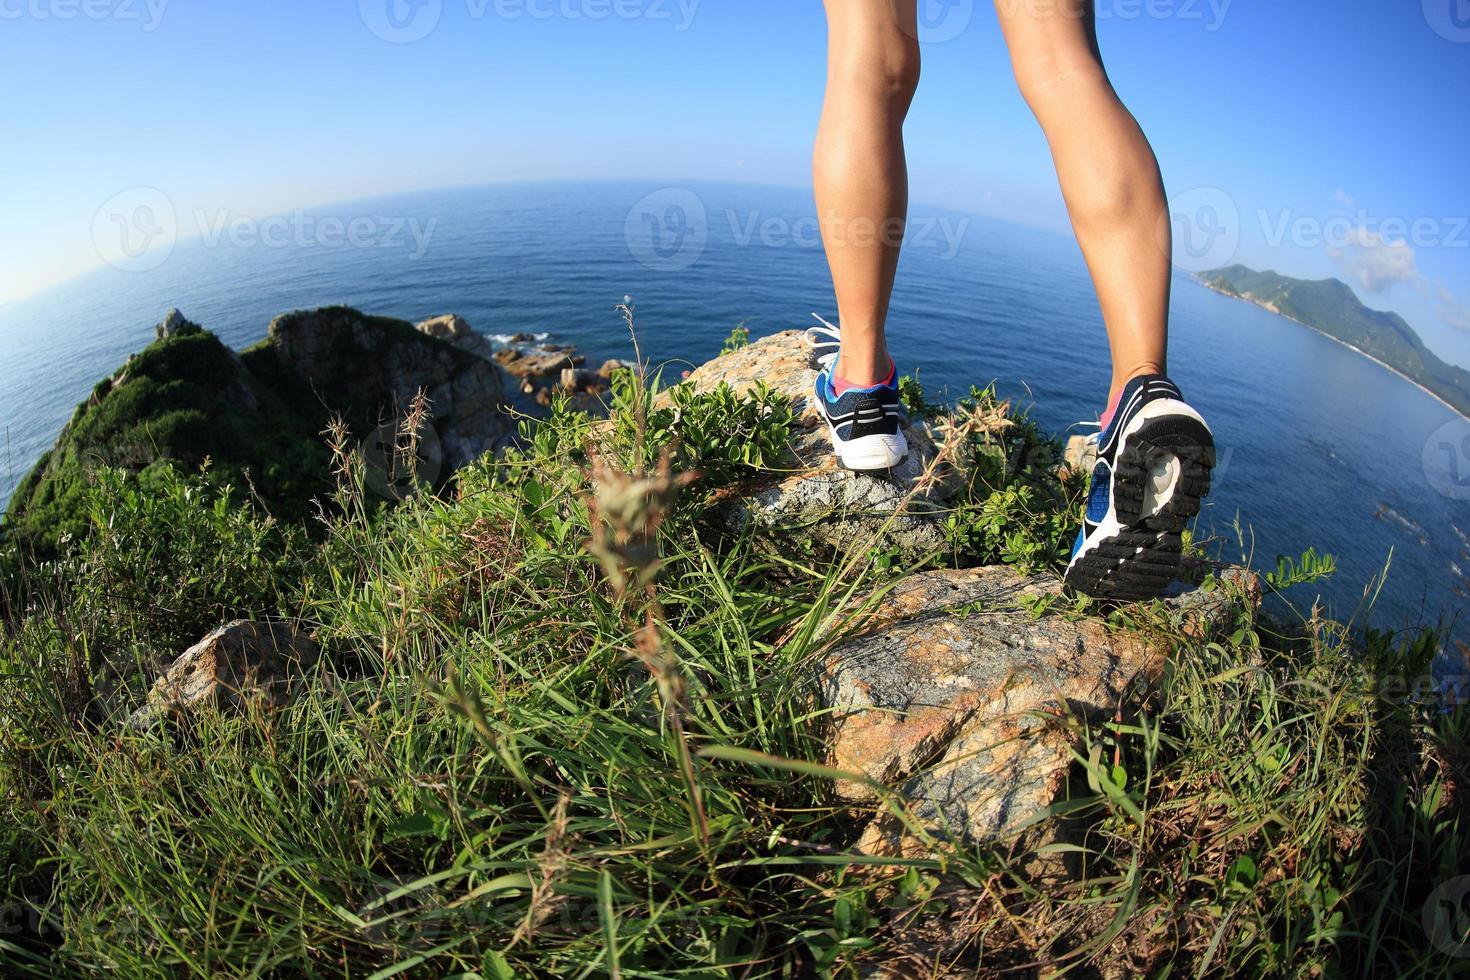 vrouw wandelaar benen wandelen op zee bergtop foto